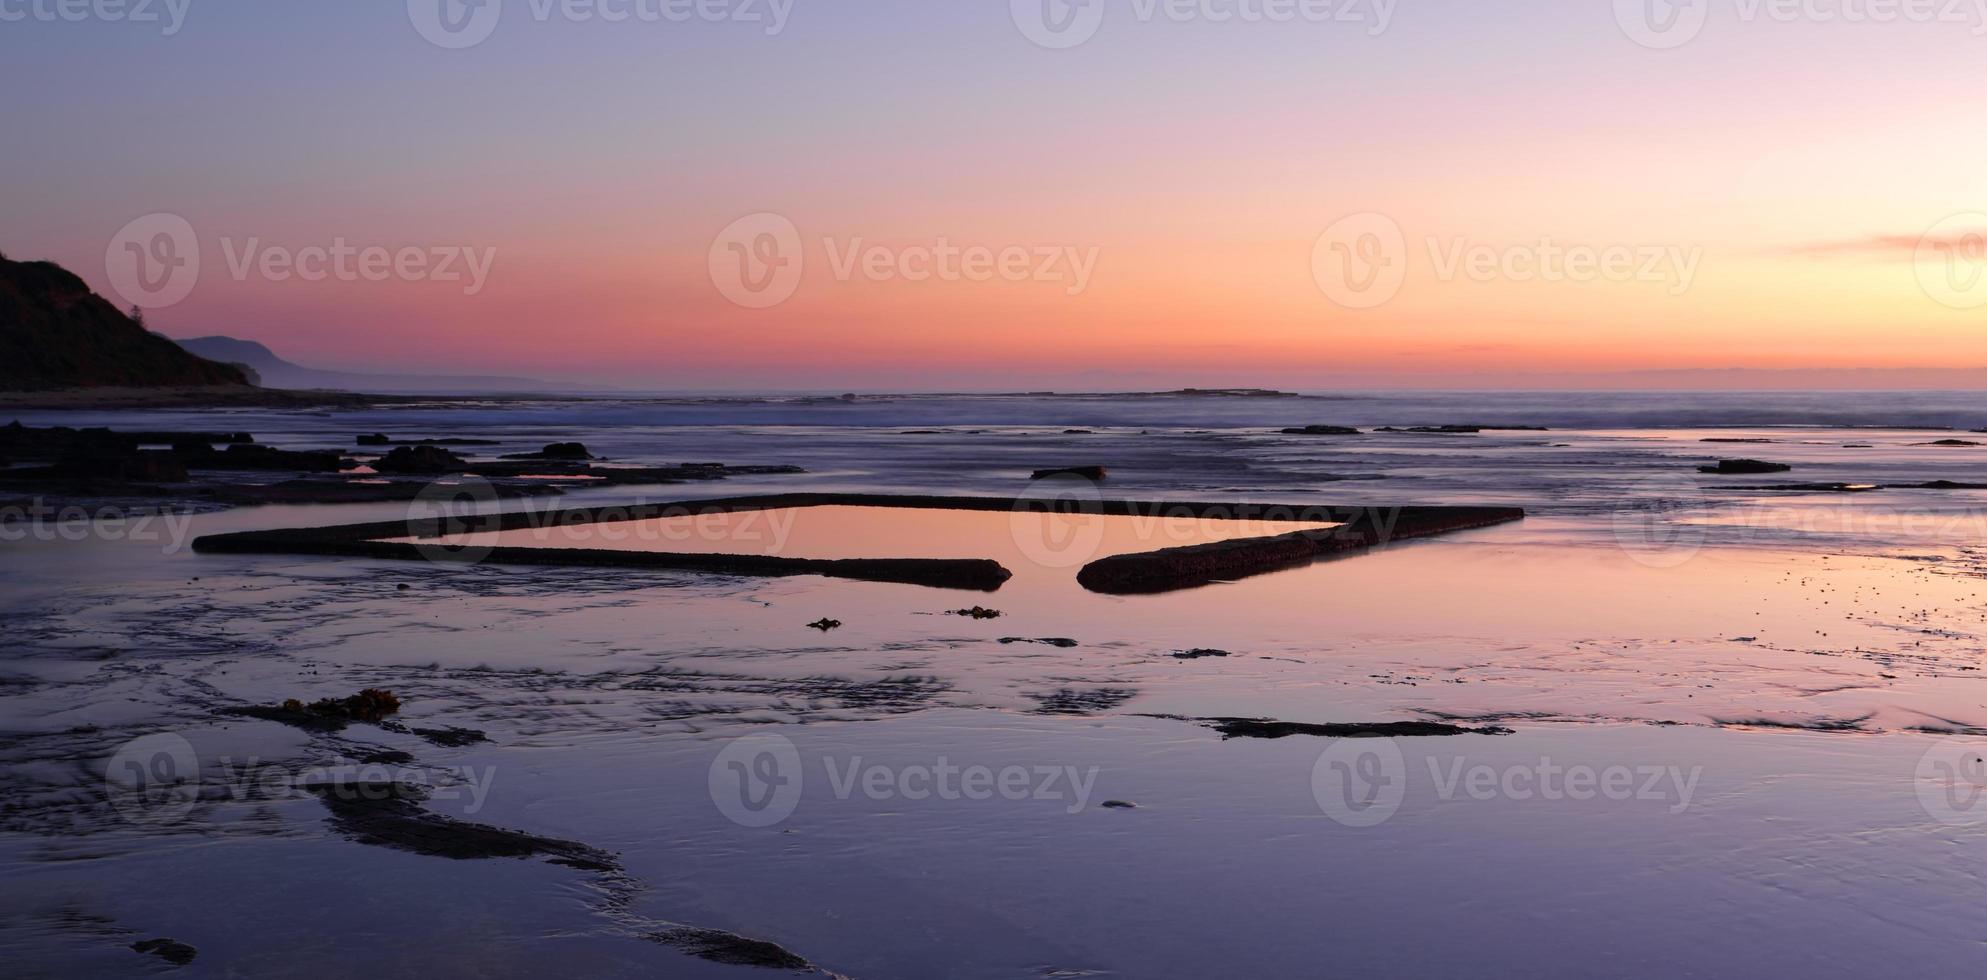 la piscina per bambini sullo scaffale roccioso all'alba foto